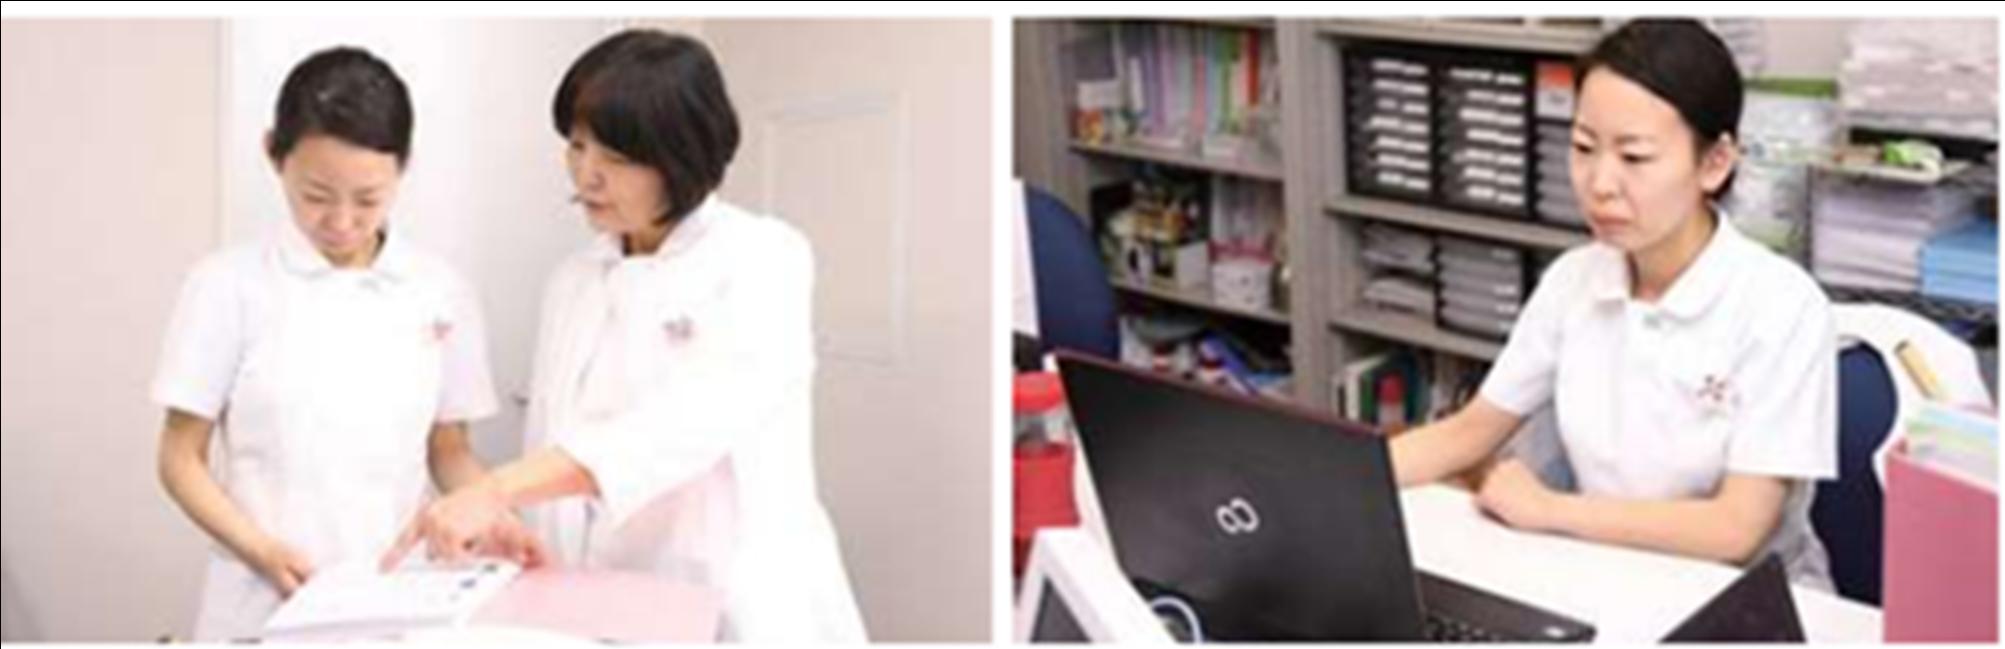 【卒業生紹介】精神科病棟で患者の食と健康を守る